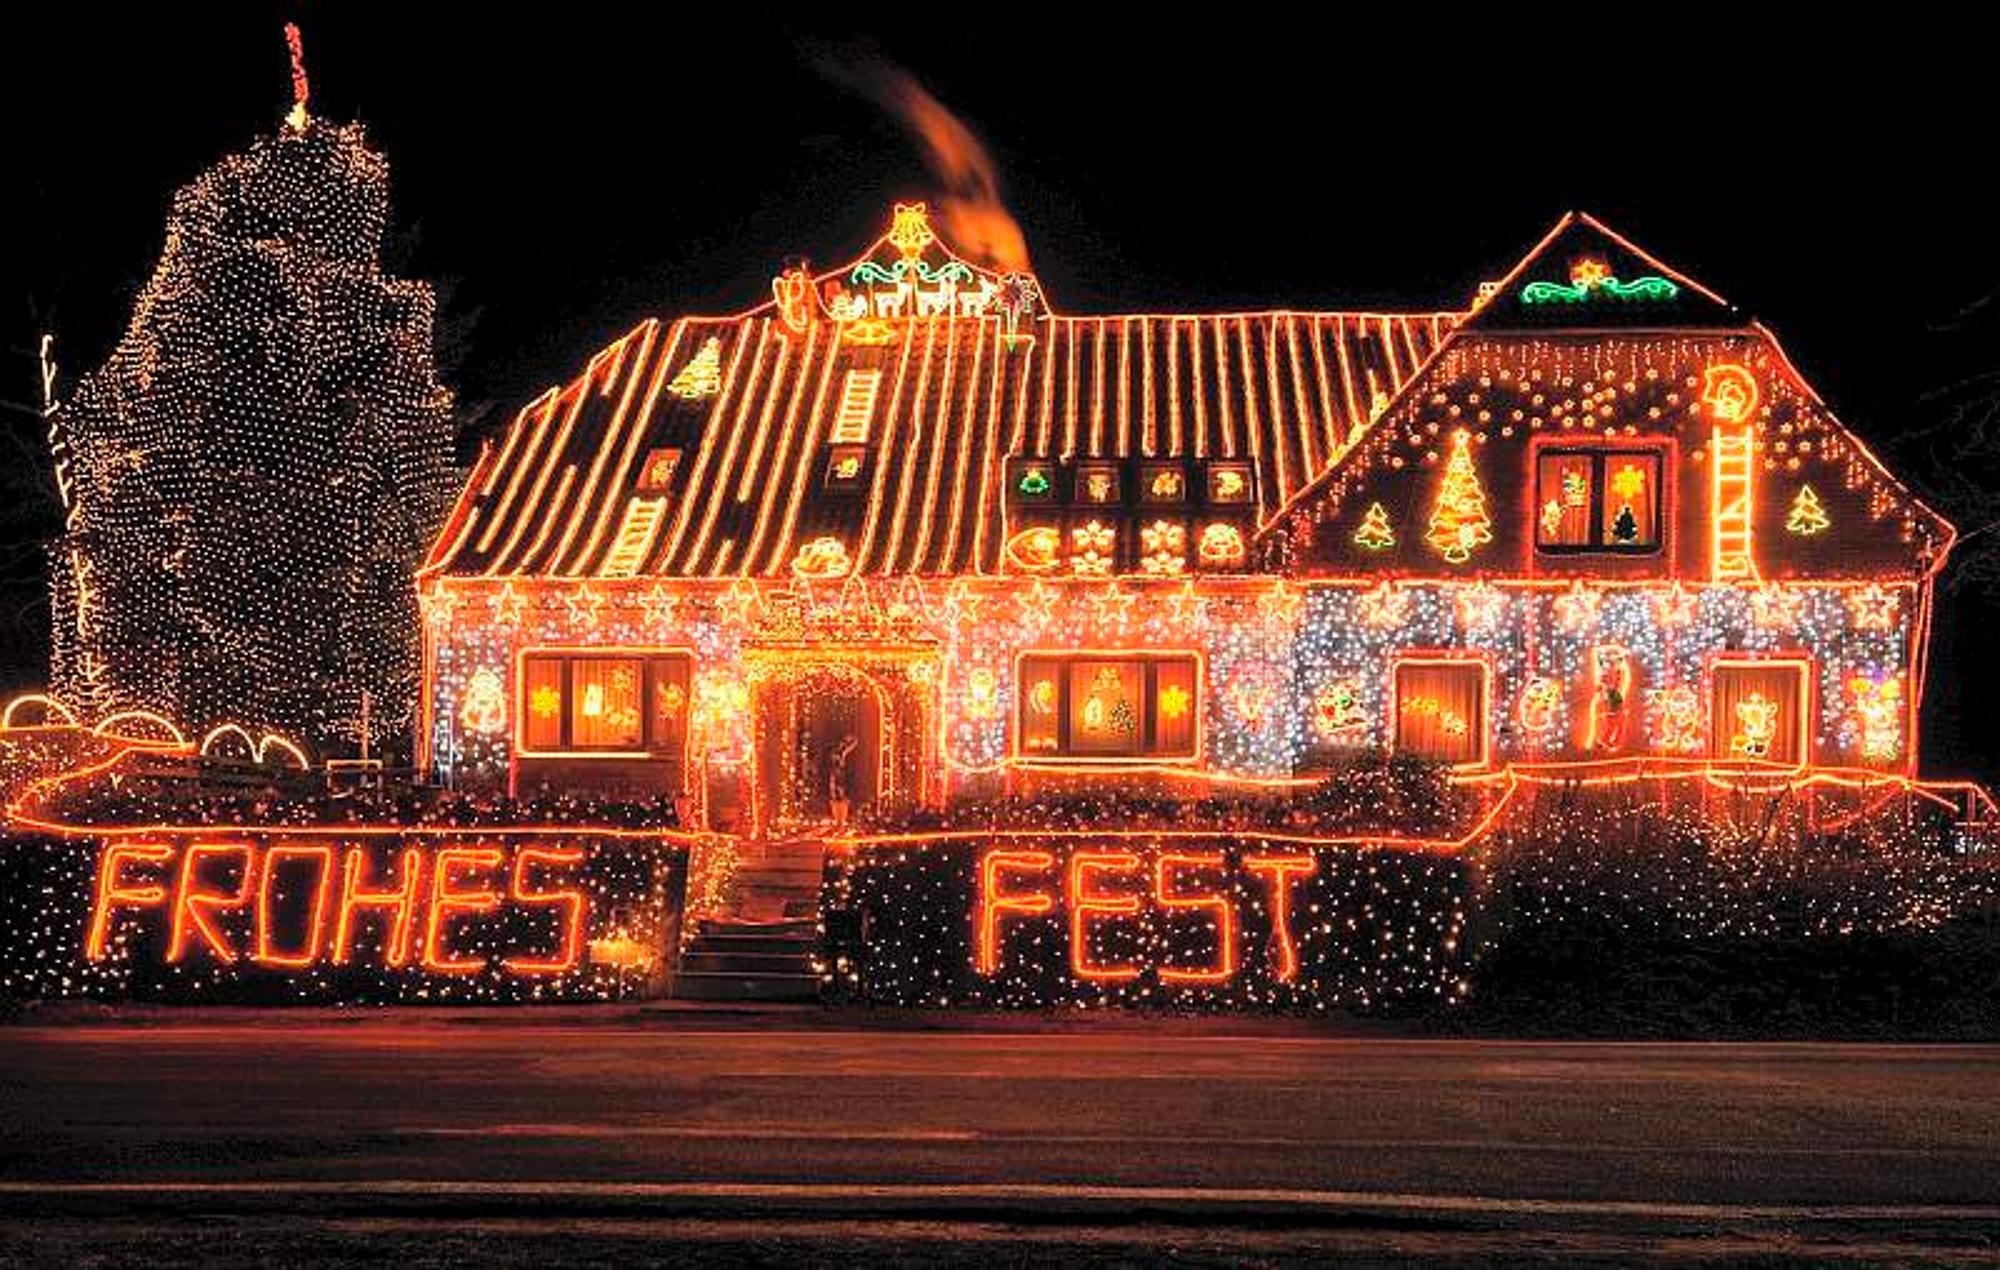 Ab Wann Weihnachtsbeleuchtung.Weihnachtliche Beleuchtung Led Lichter Lösen Alte Ketten Ab